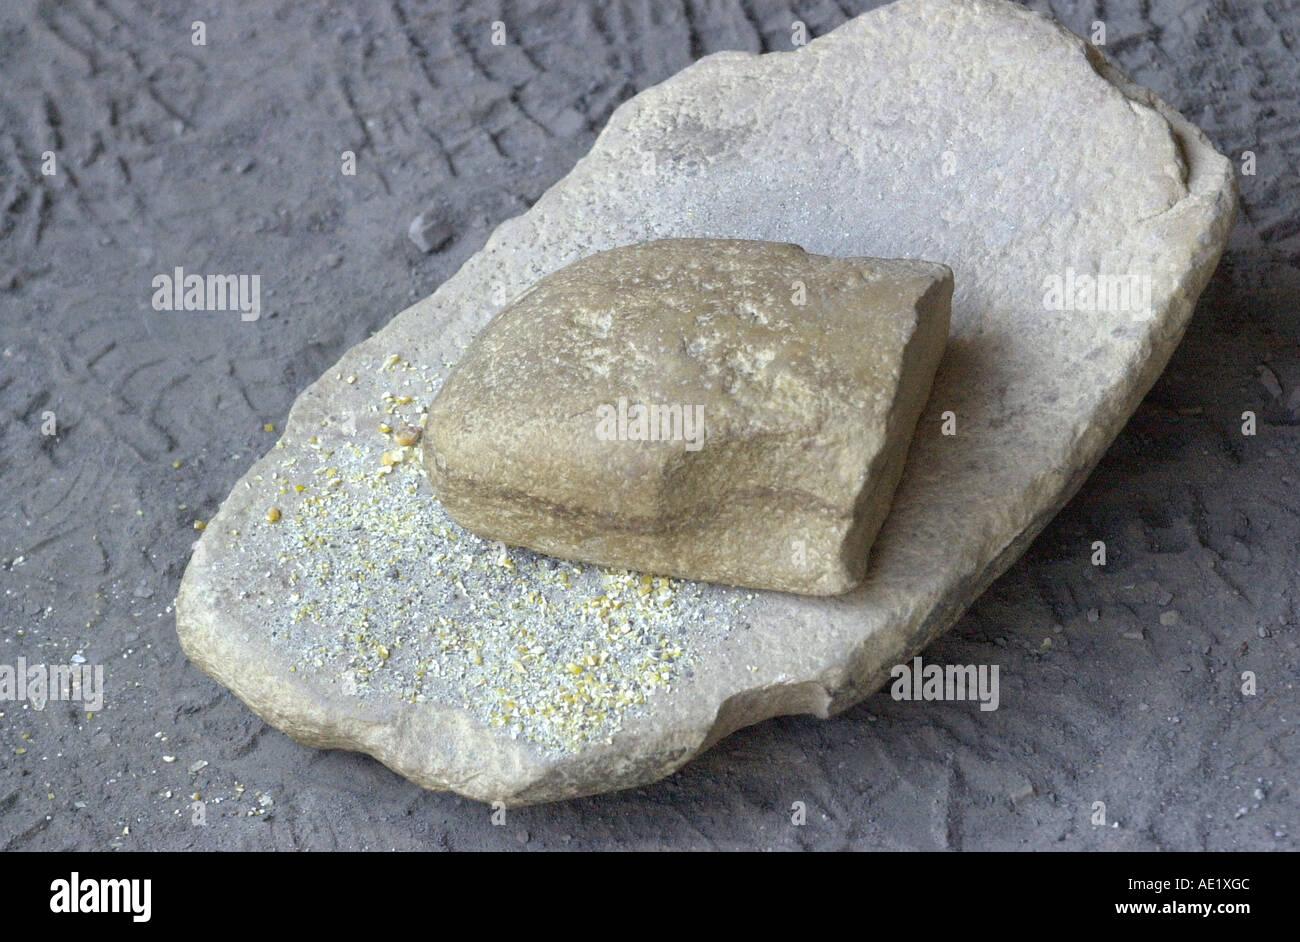 Anasazi metate y mano una pietra per la macinazione di mais a Mesa Verde National Park in Colorado. Fotografia digitale Immagini Stock